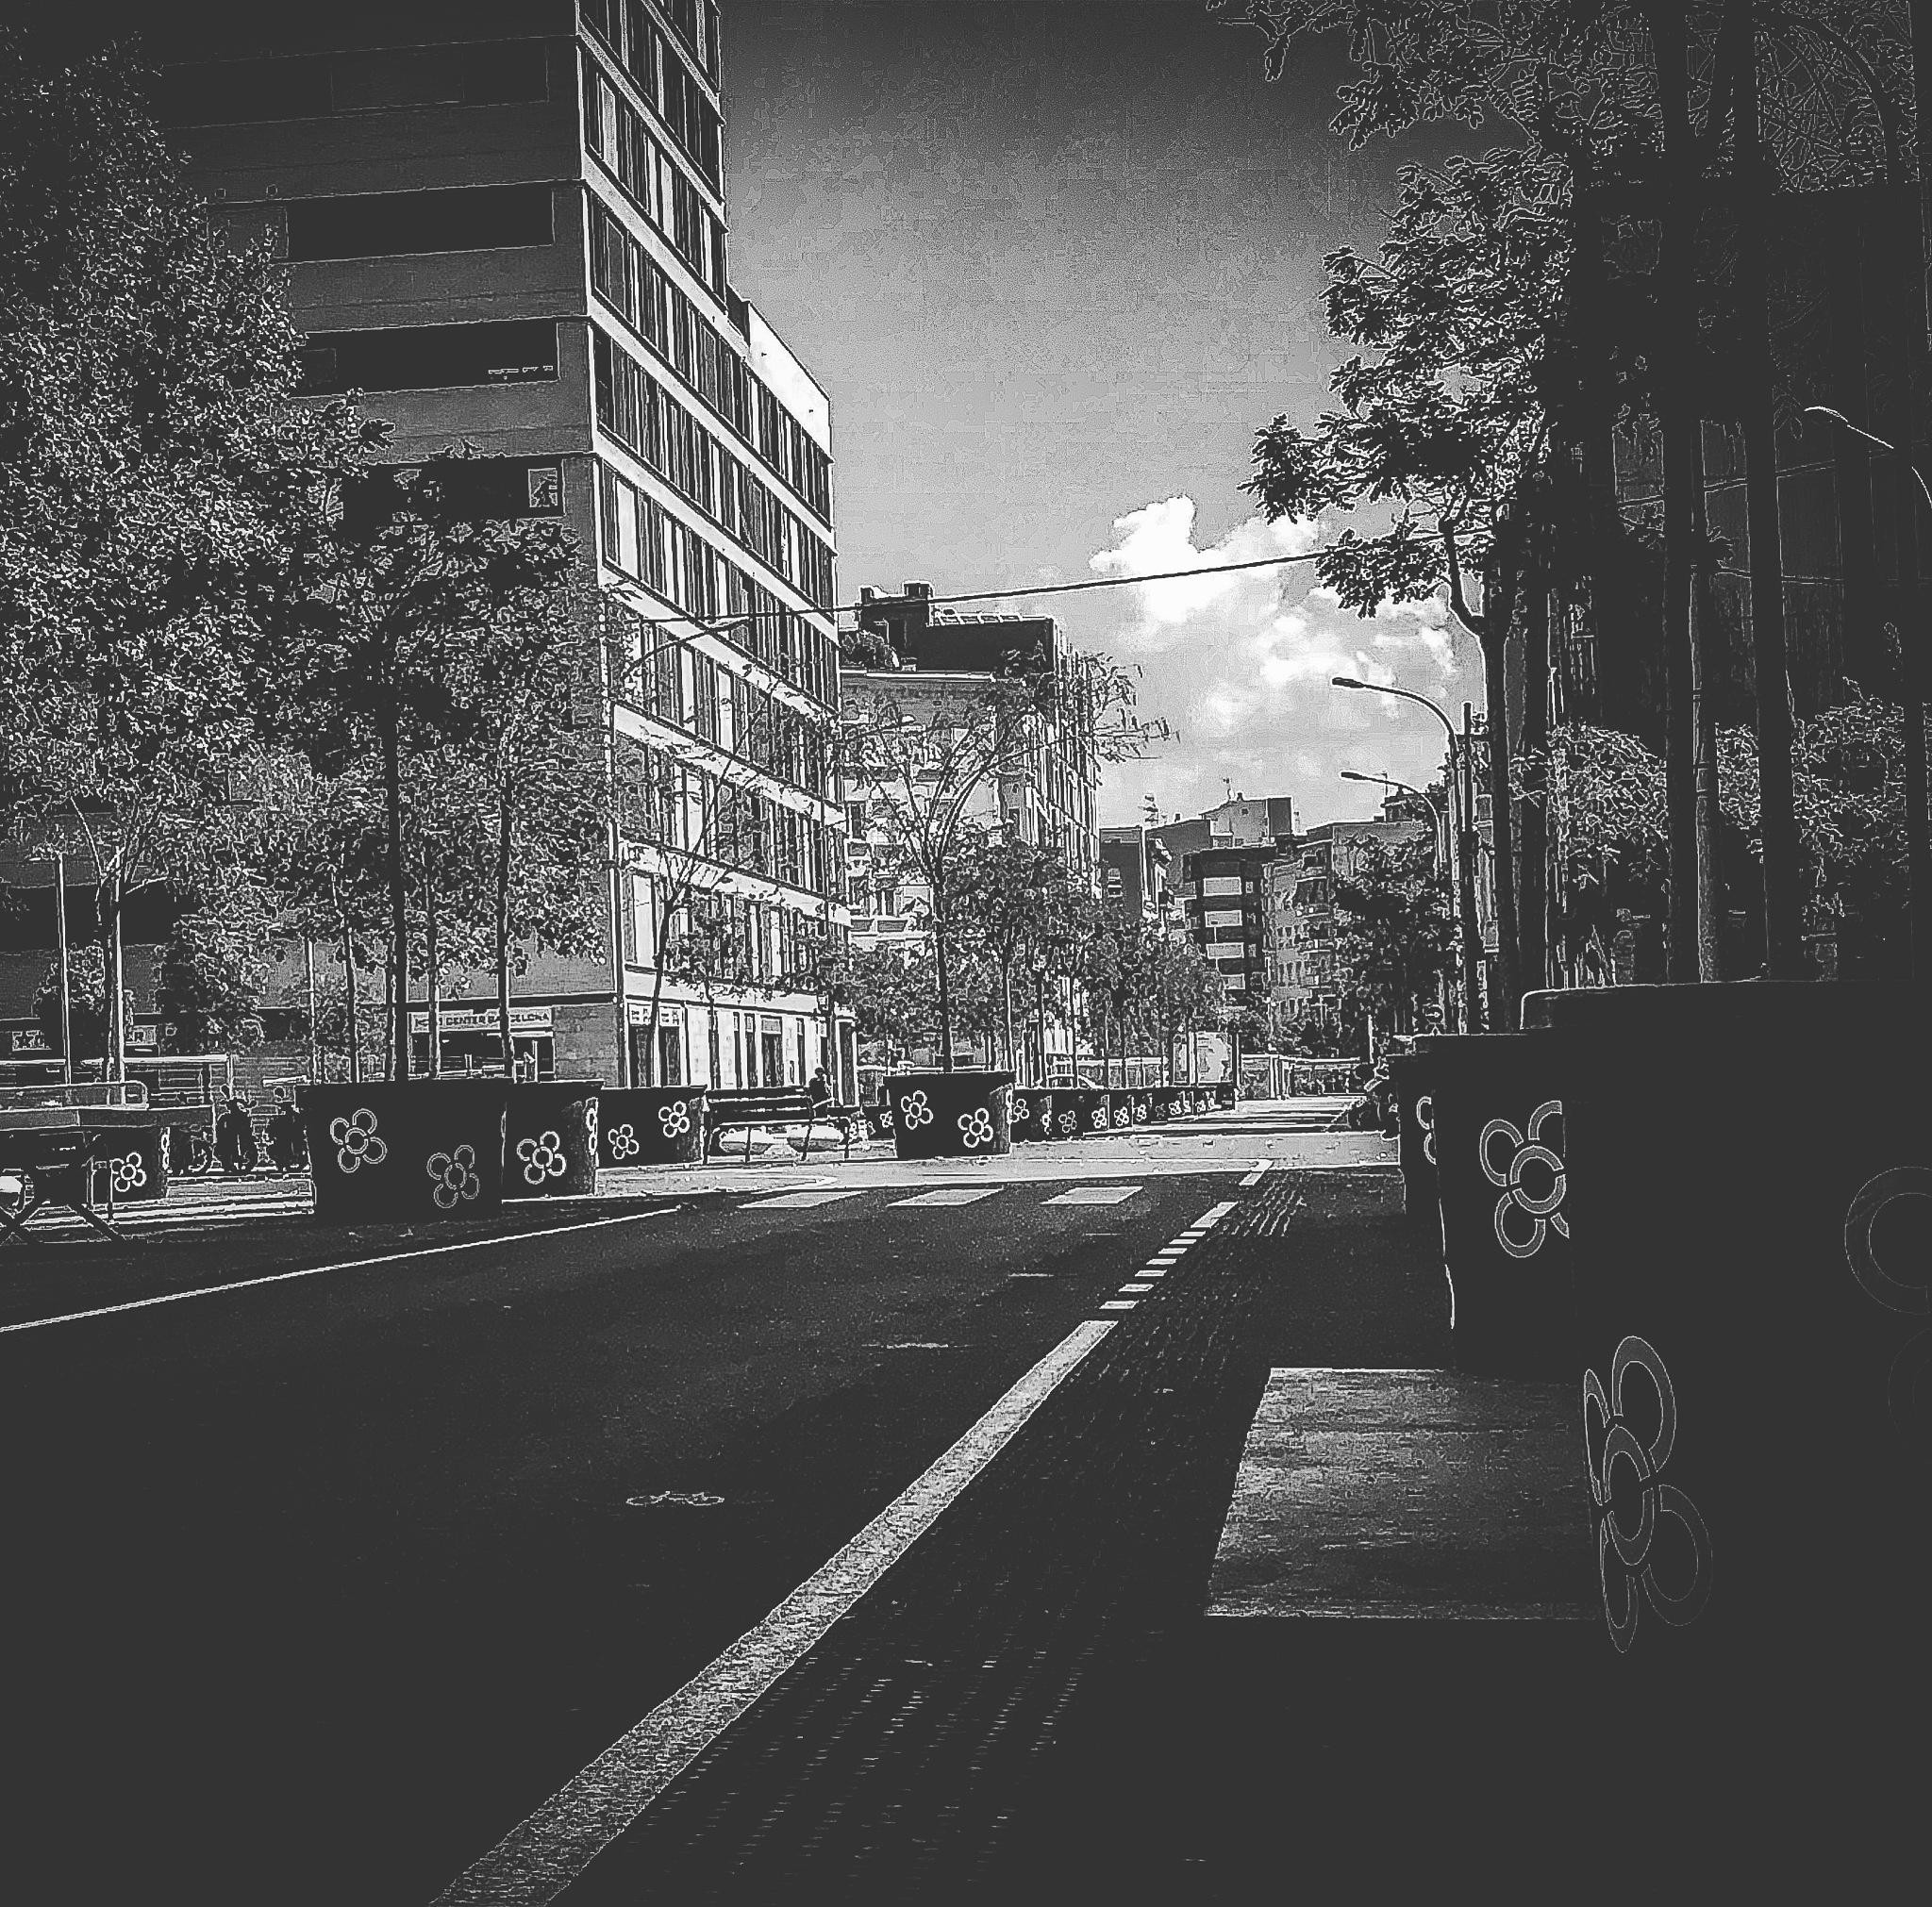 Superilla by Hector Lopez